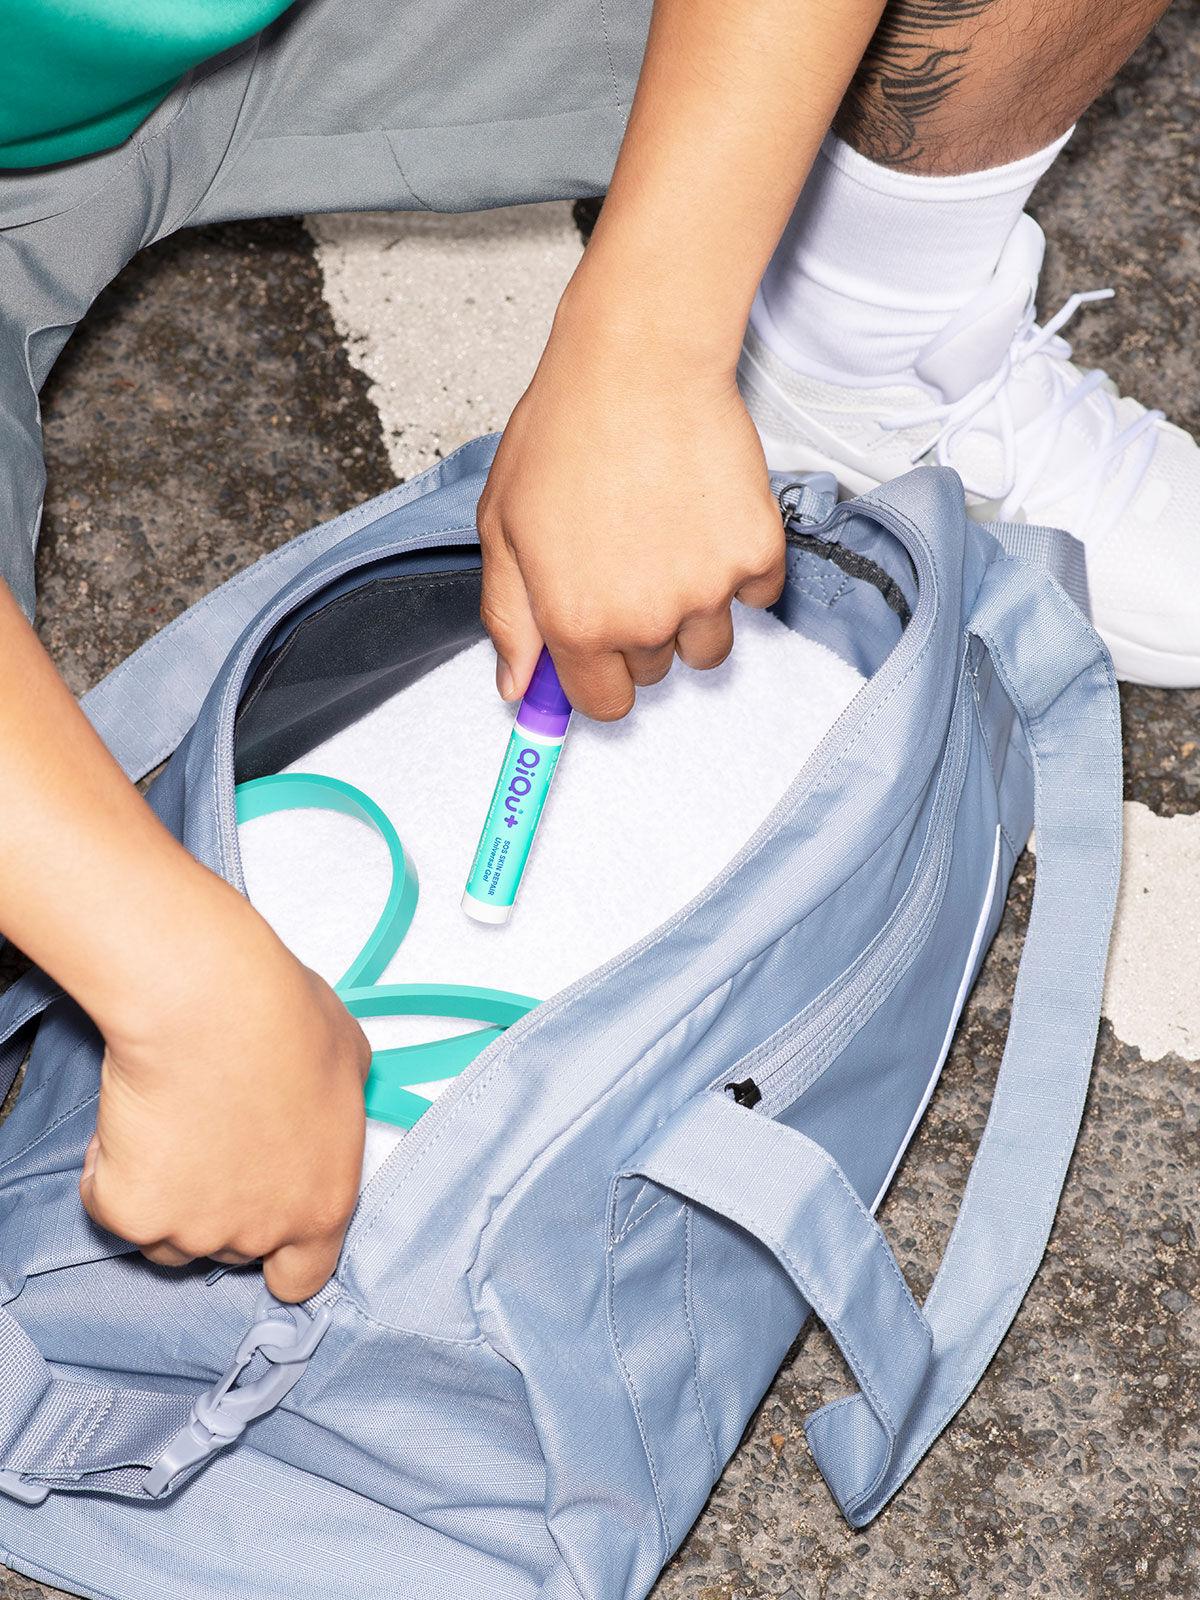 QiQu Skin Repair in Sporttasche